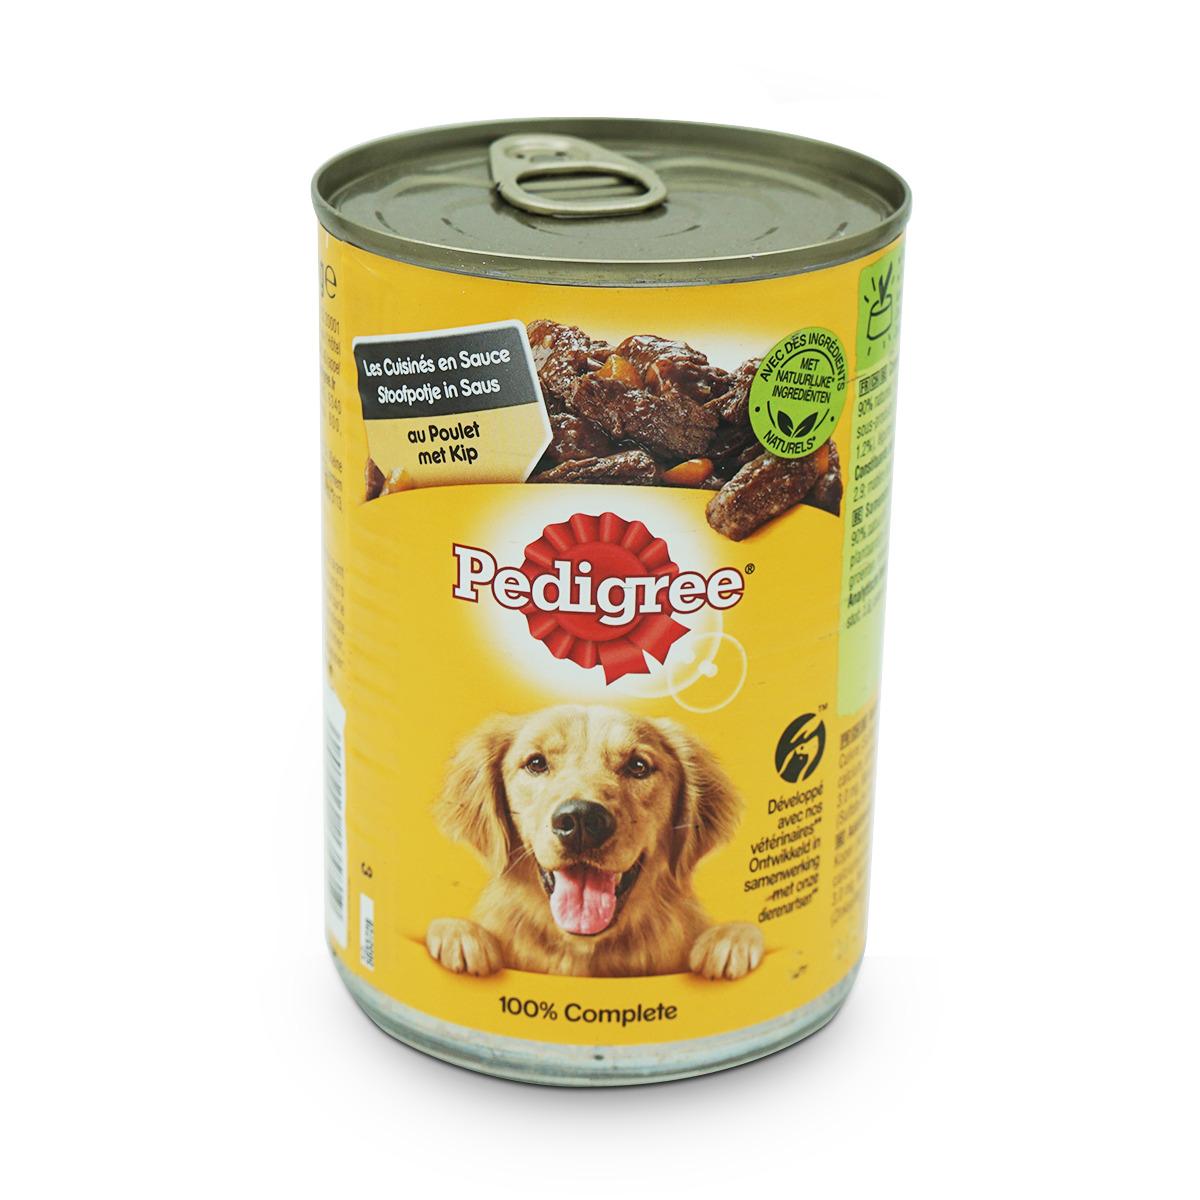 Pedigree Saftiges Hundefutter mit Poulet in Sauce